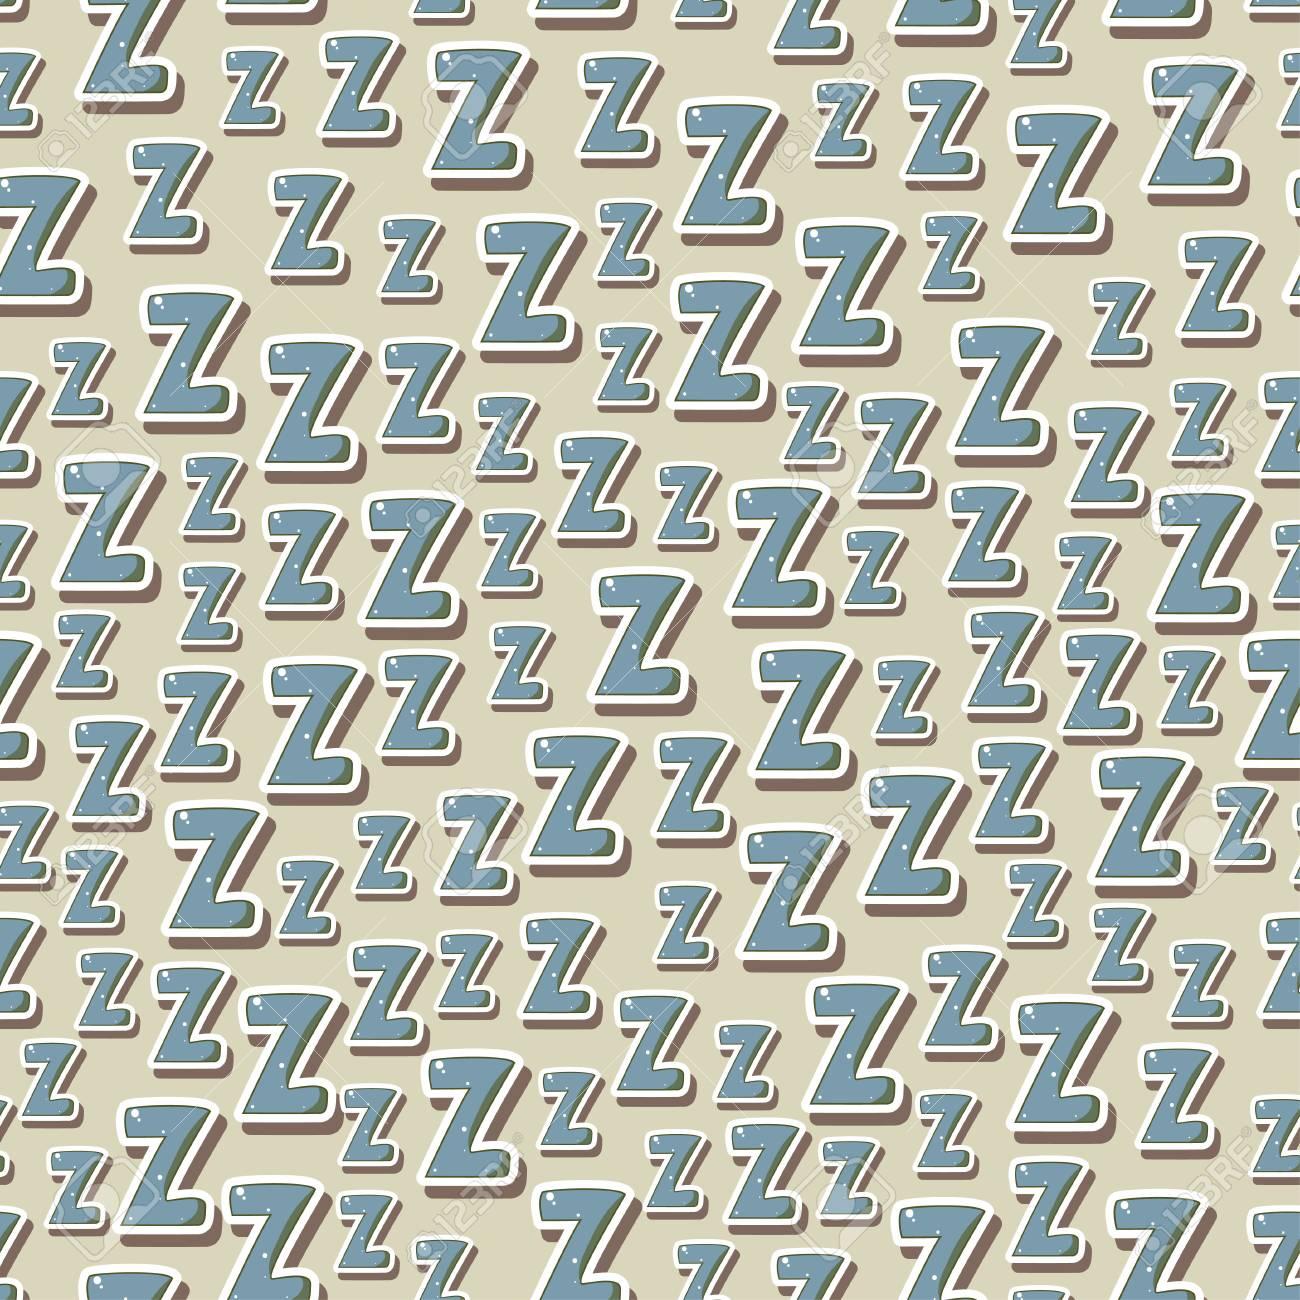 Schlafzimmer Textilien | Nahtloses Kindisches Muster Mit Buchstaben Z Zzz Fur Textilien